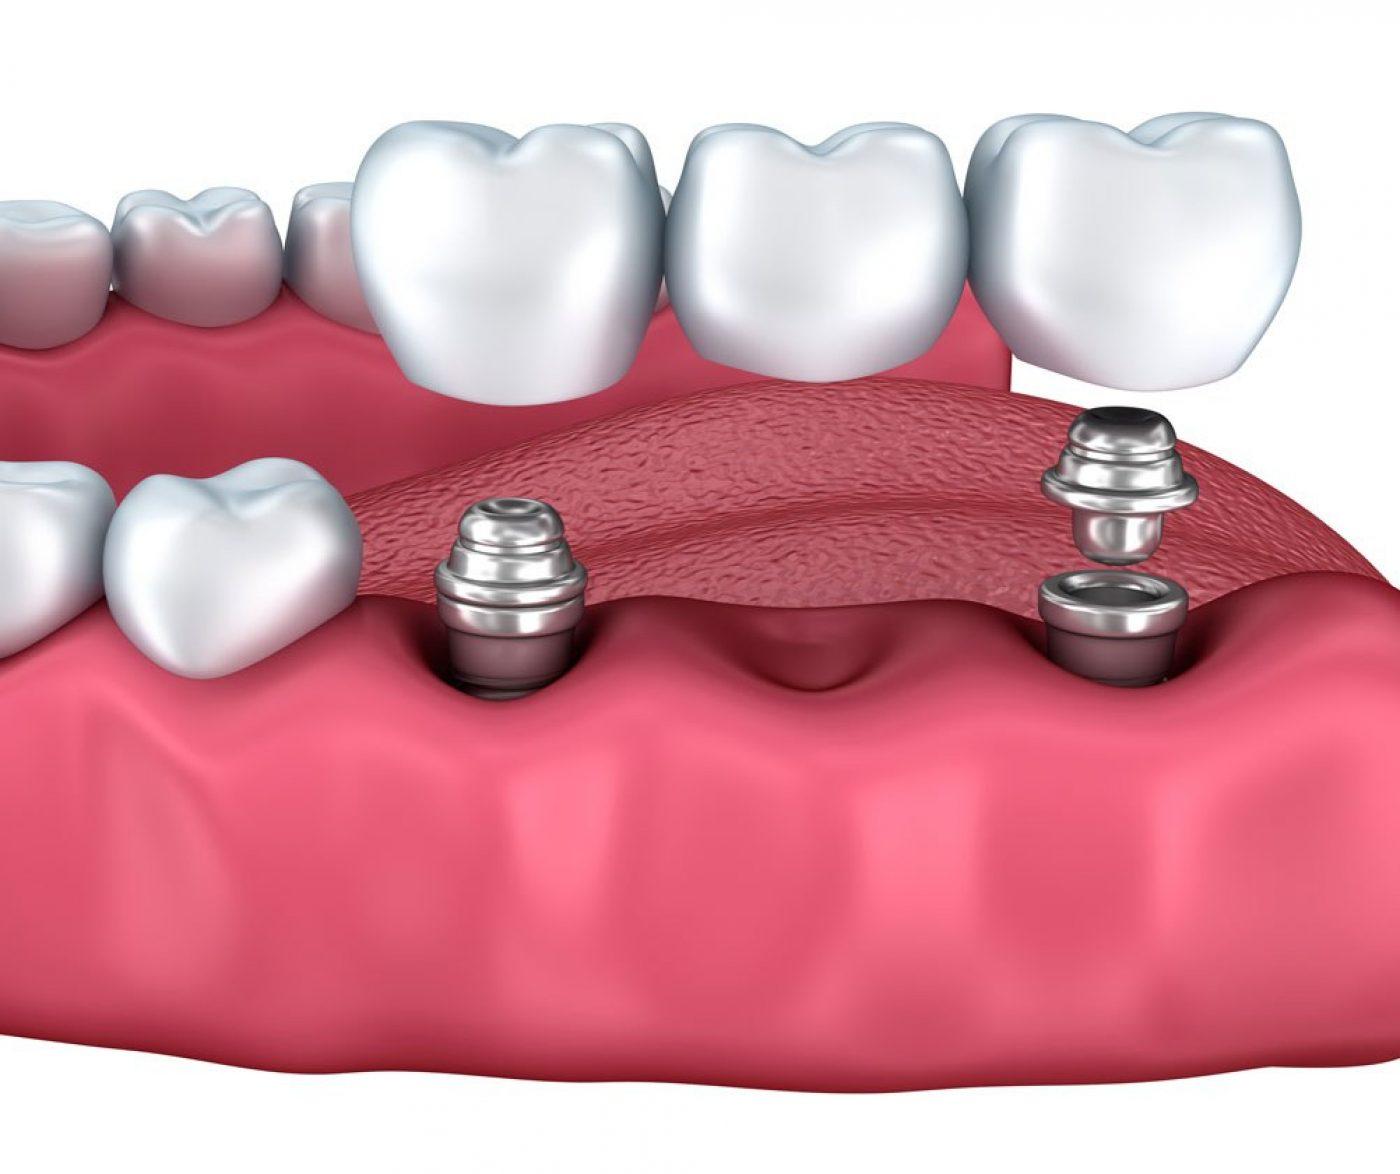 Lavender Dental Implants Multiple